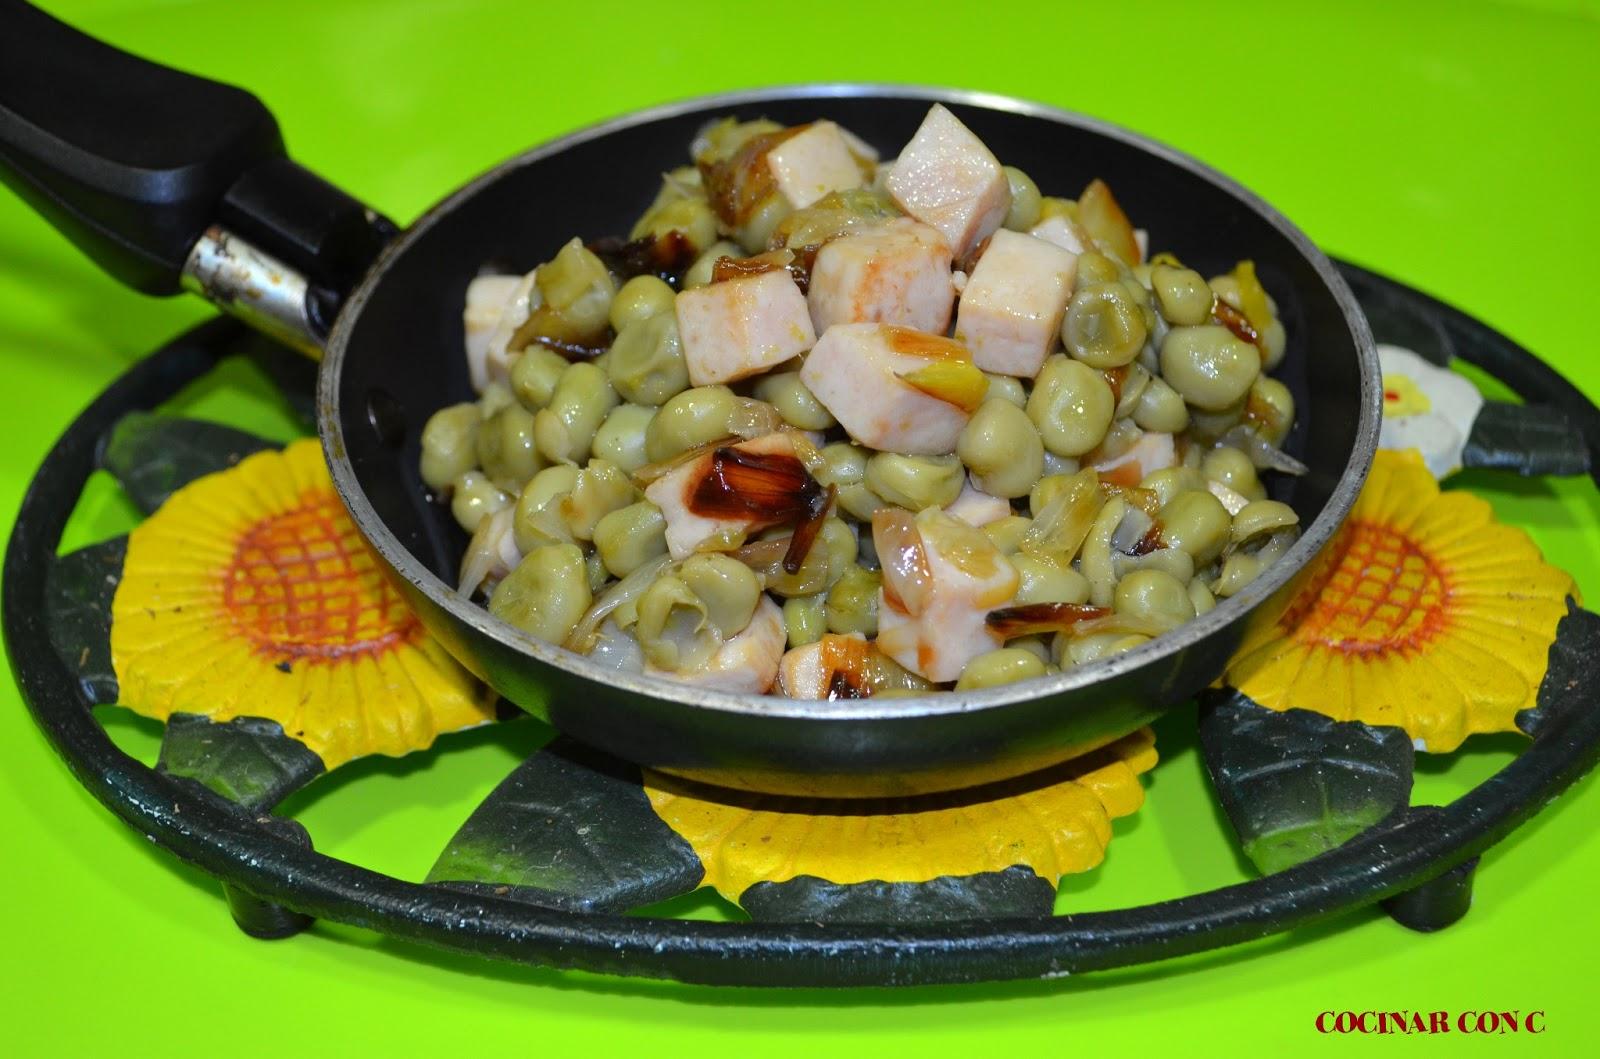 Cocinar Habas Tiernas | Cocinar Con C Habas Salteadas Con Calcots Y Pavo